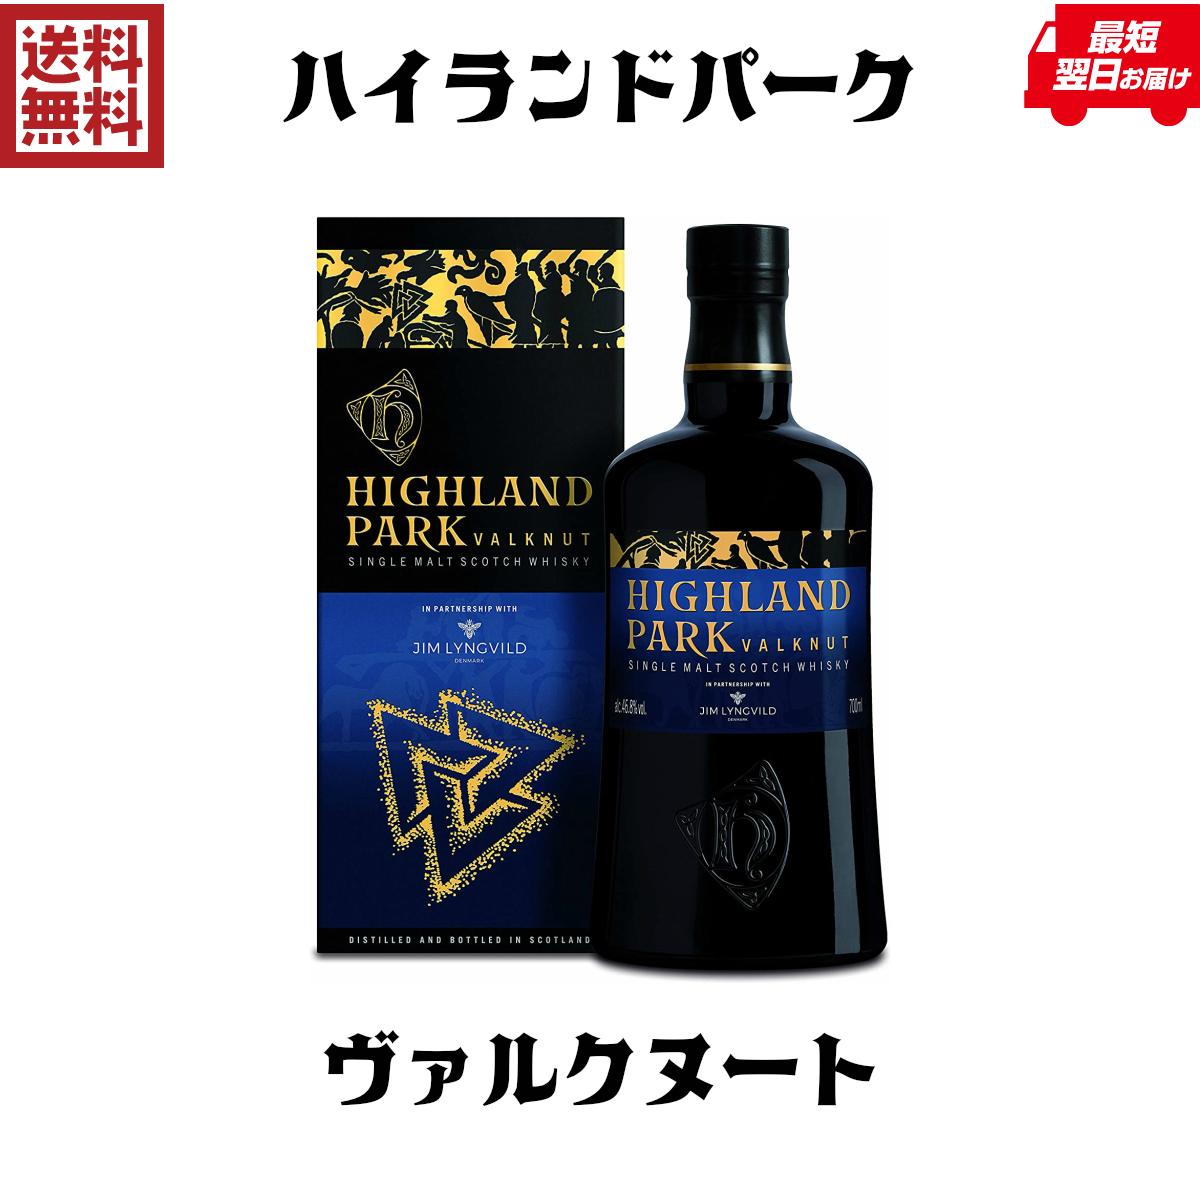 北海道 沖縄への配送は行っておりません 送料無料 ついに再販開始 ハイランドパーク ヴァルクヌート イギリス EDR 700ml 中古 ウイスキー